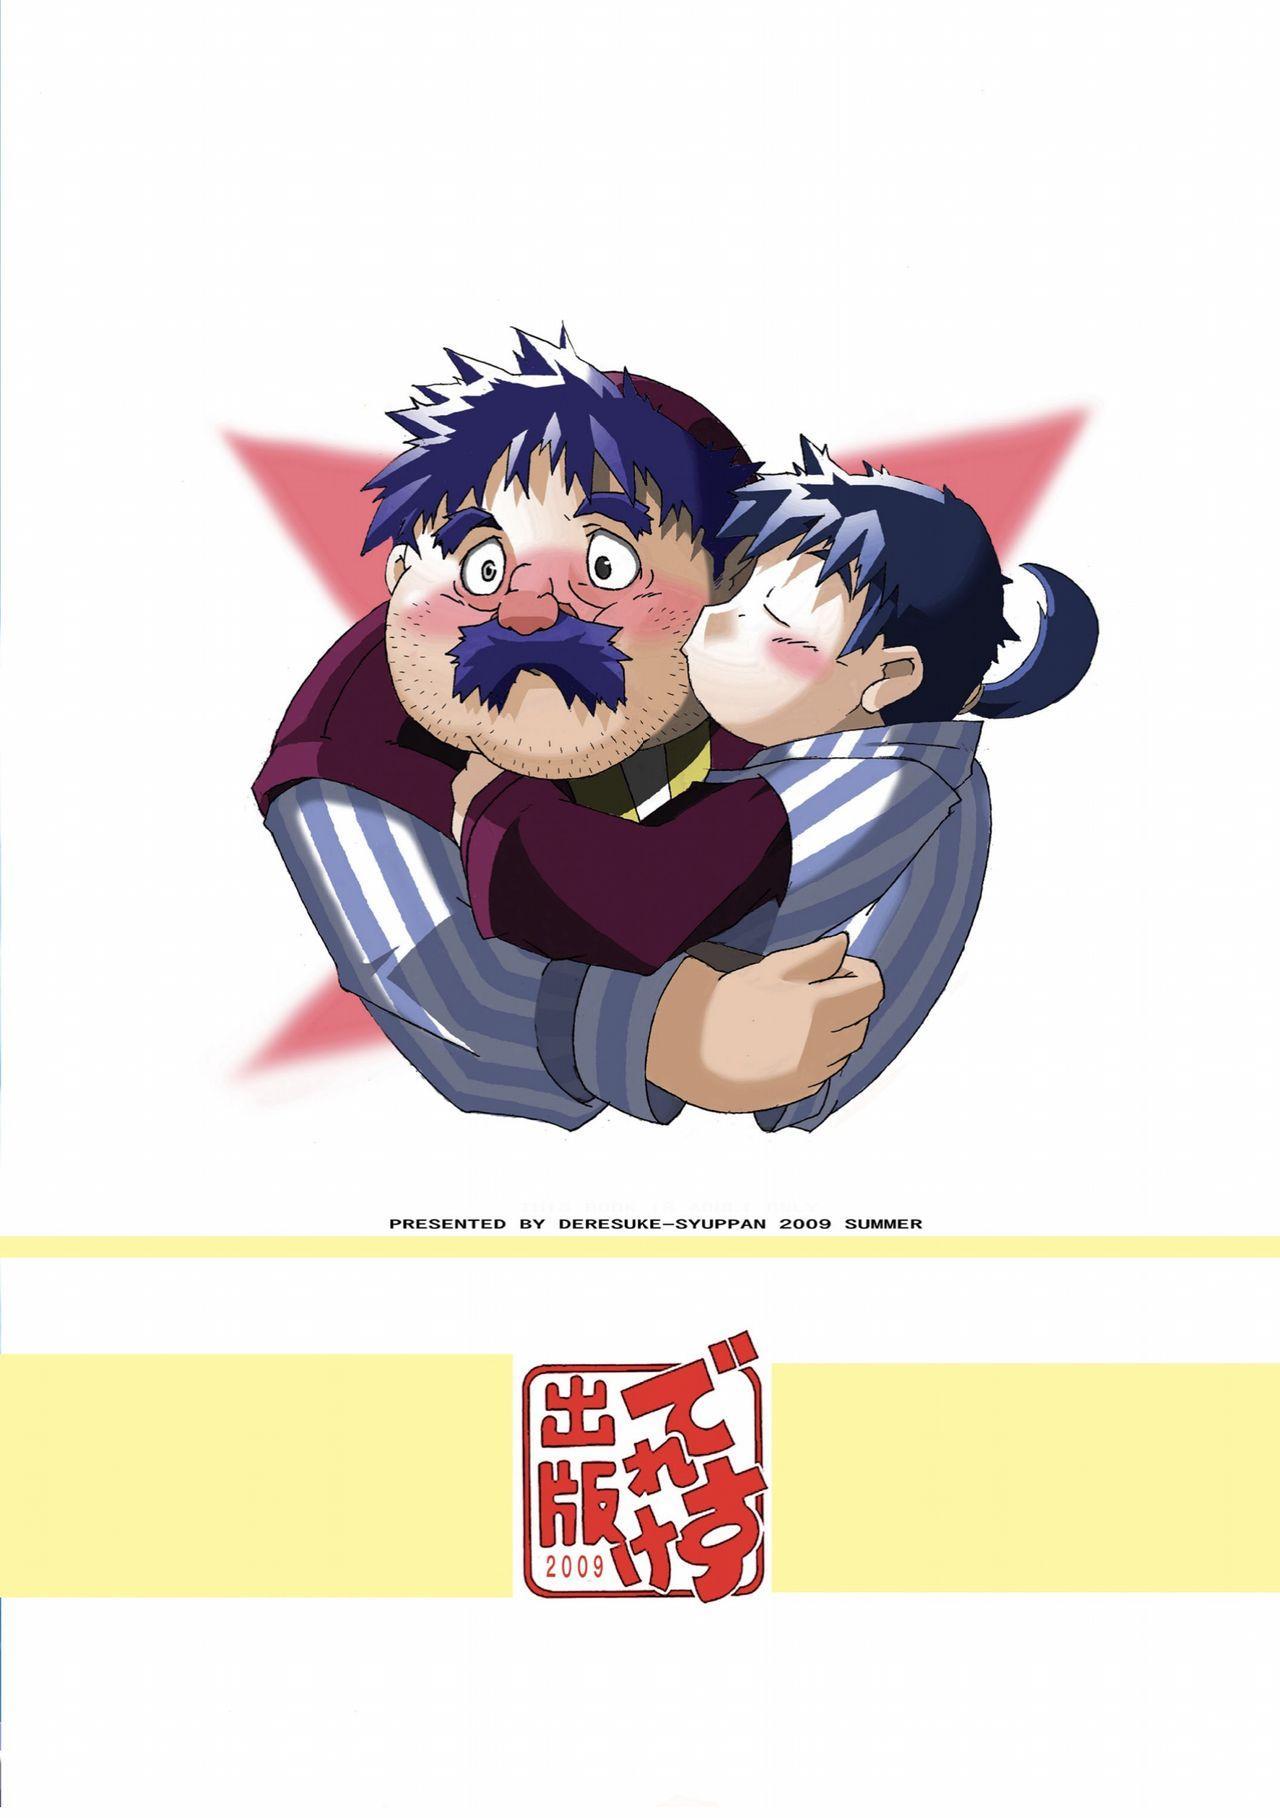 Torneko no Himitsu 33